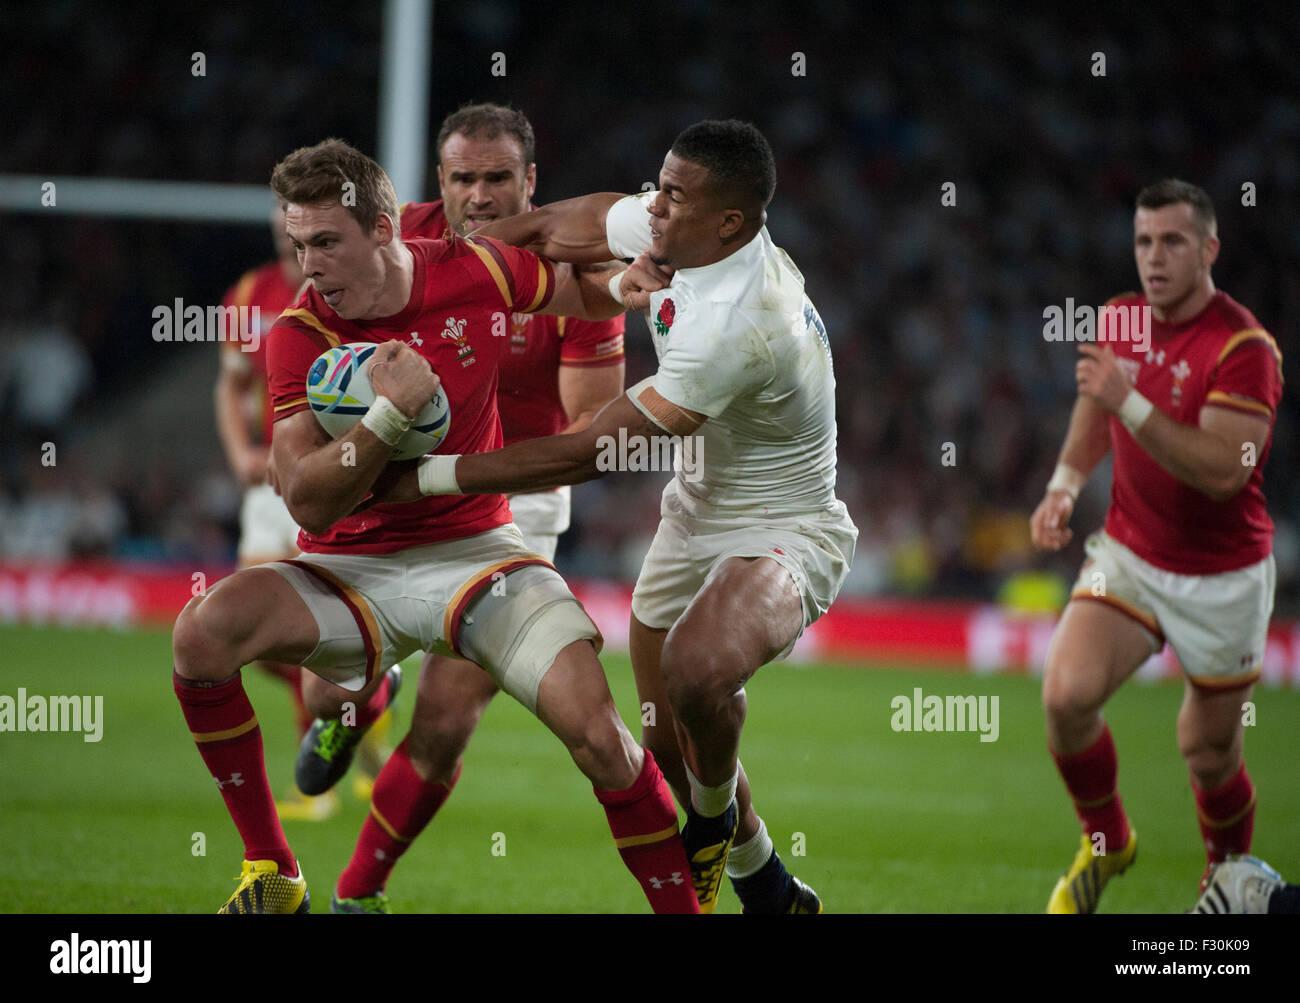 El Estadio Twickenham, Londres, Reino Unido. 26 de septiembre de 2015. Inglaterra v Gales en la piscina una noche Imagen De Stock